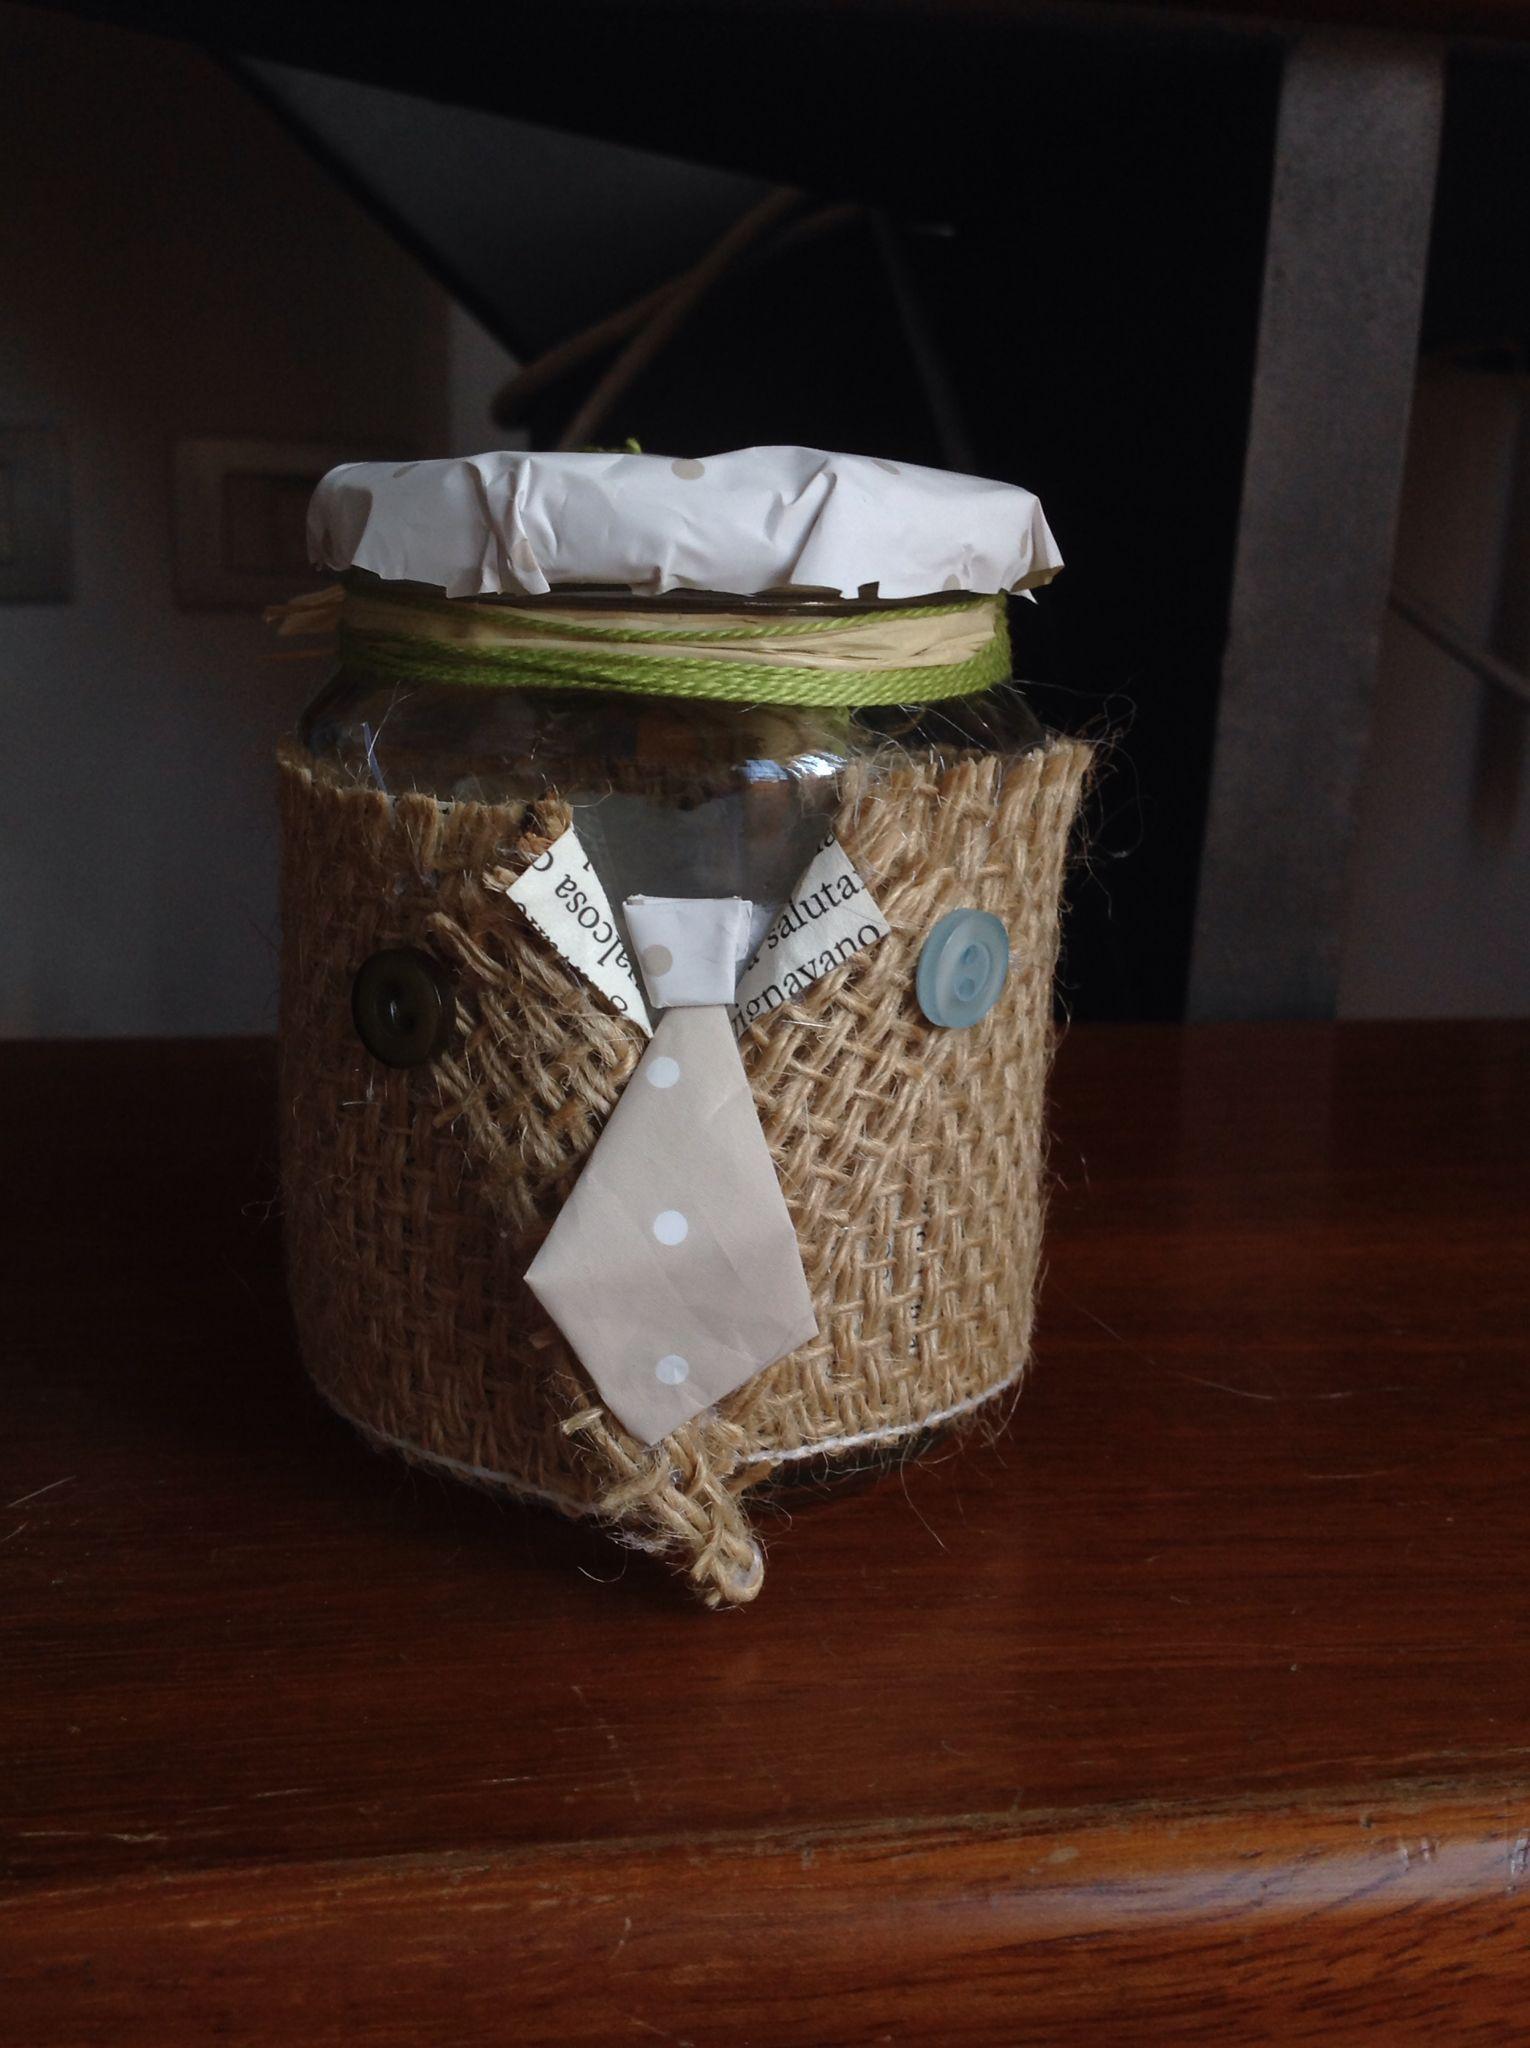 Qui ho usato anche le pagine di un libro e carta da regalo a pois... Poi questi barattoli possono essere usati per mettere una candelina profumata o qualche oggettini che abbiamo intenzione di regalare